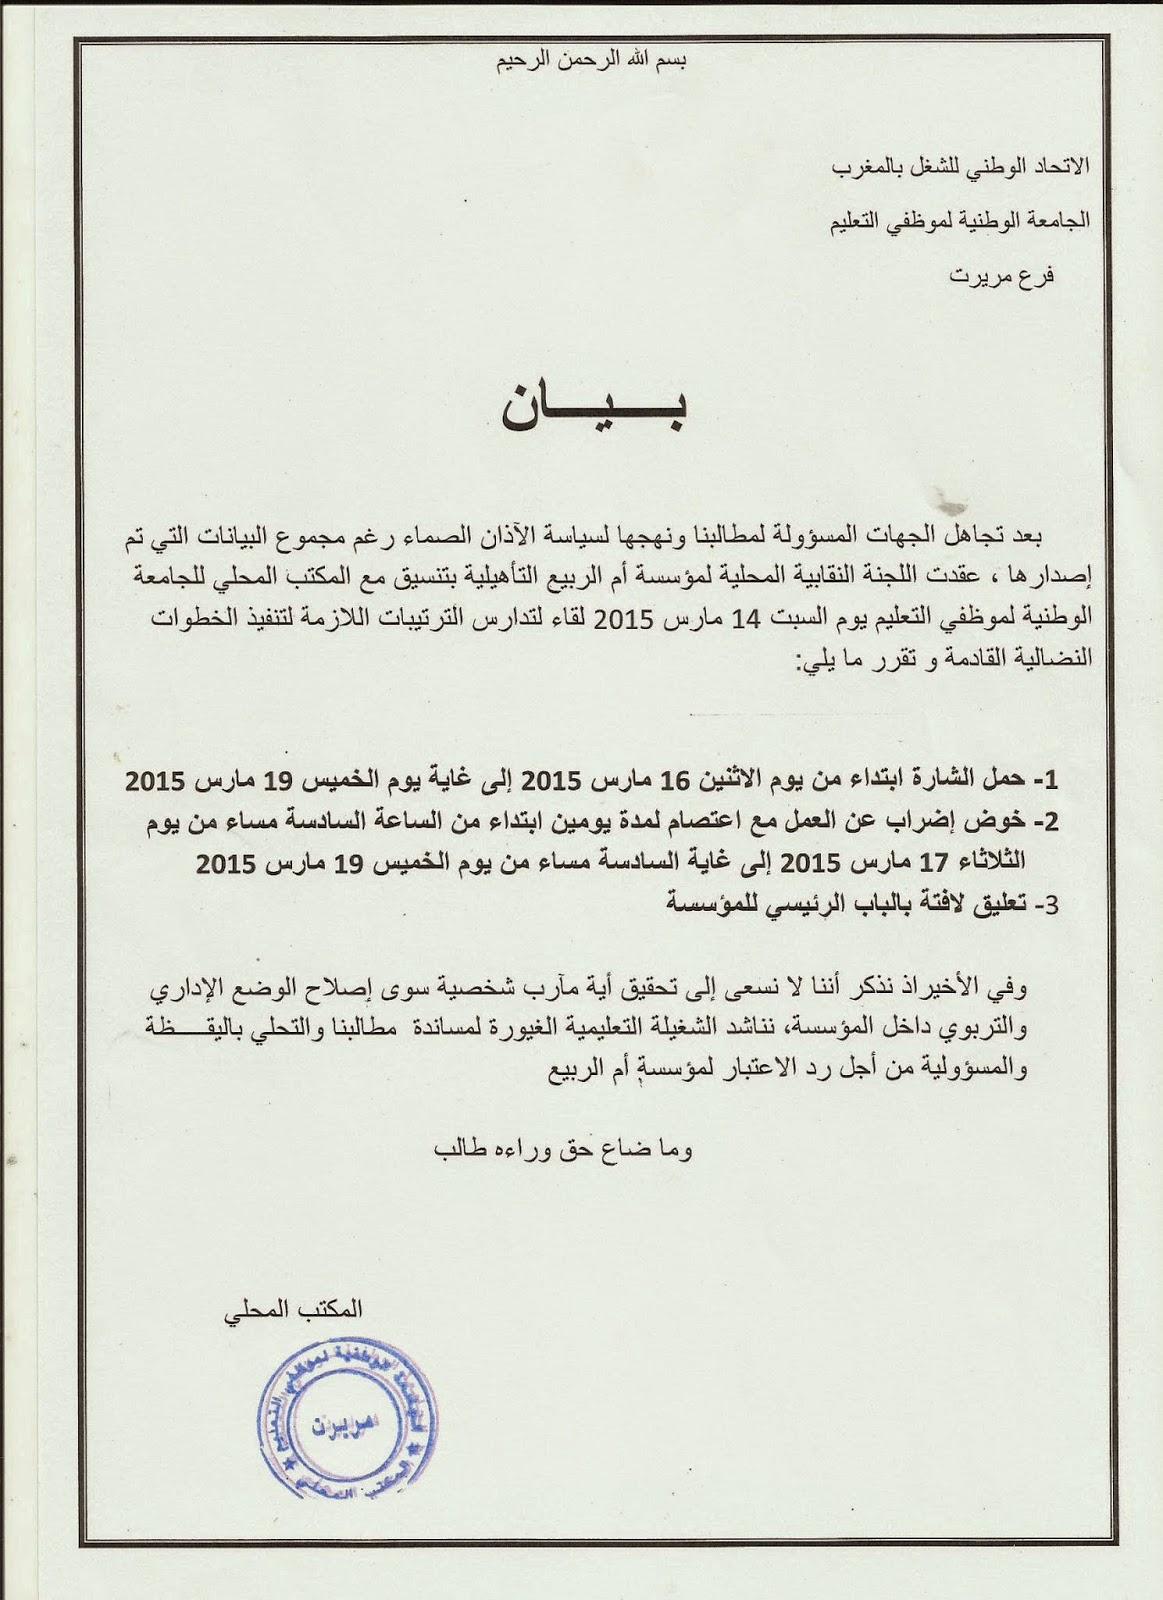 خنيفرة/مريرت: إضراب واعتصام لمدة يومين بثانوية أم الربيع التأهيلية للمطالبة بإصلاح الوضع الإداري والتربوي